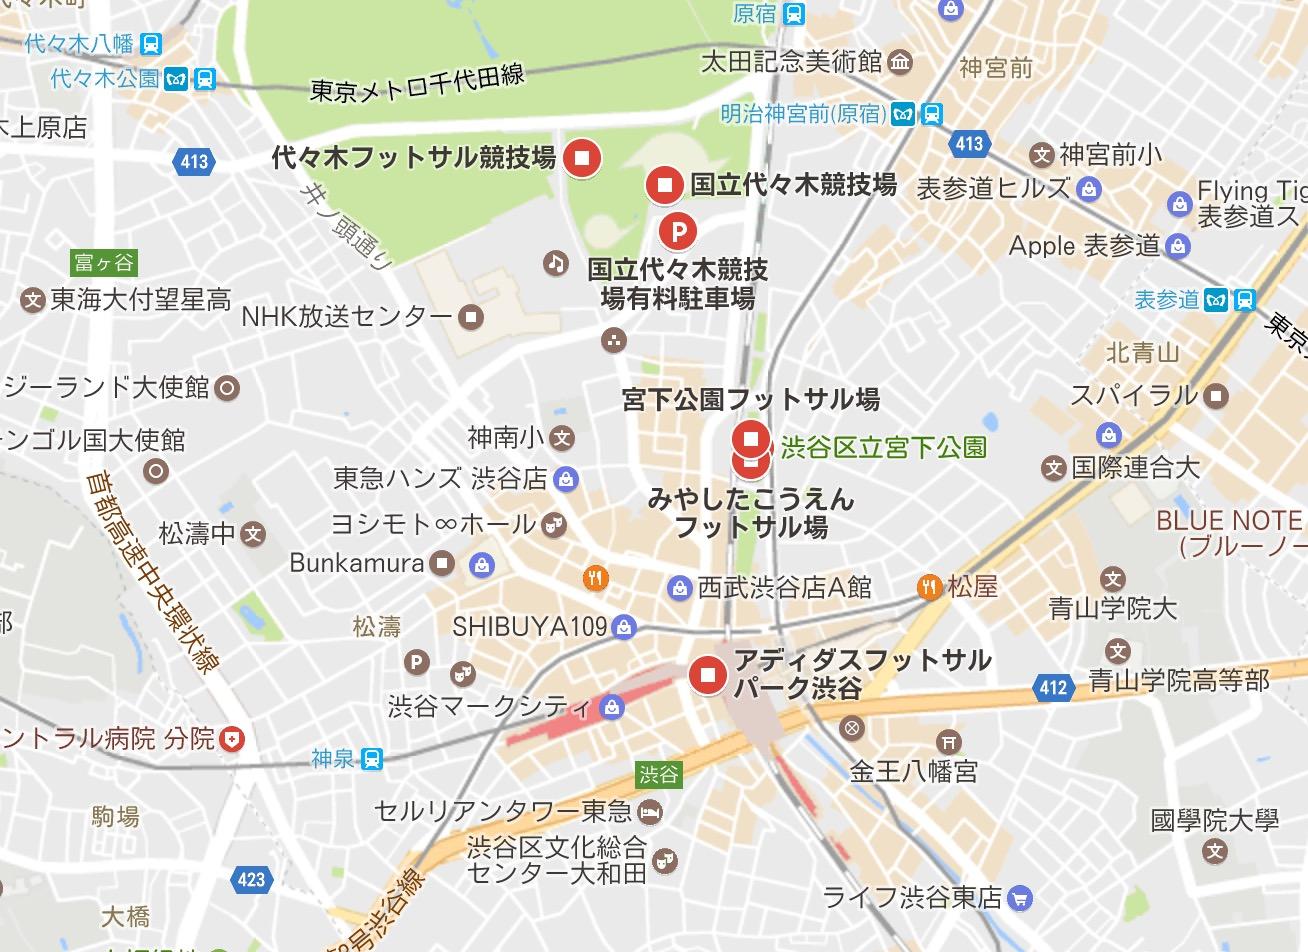 渋谷駅・原宿駅フットサル場